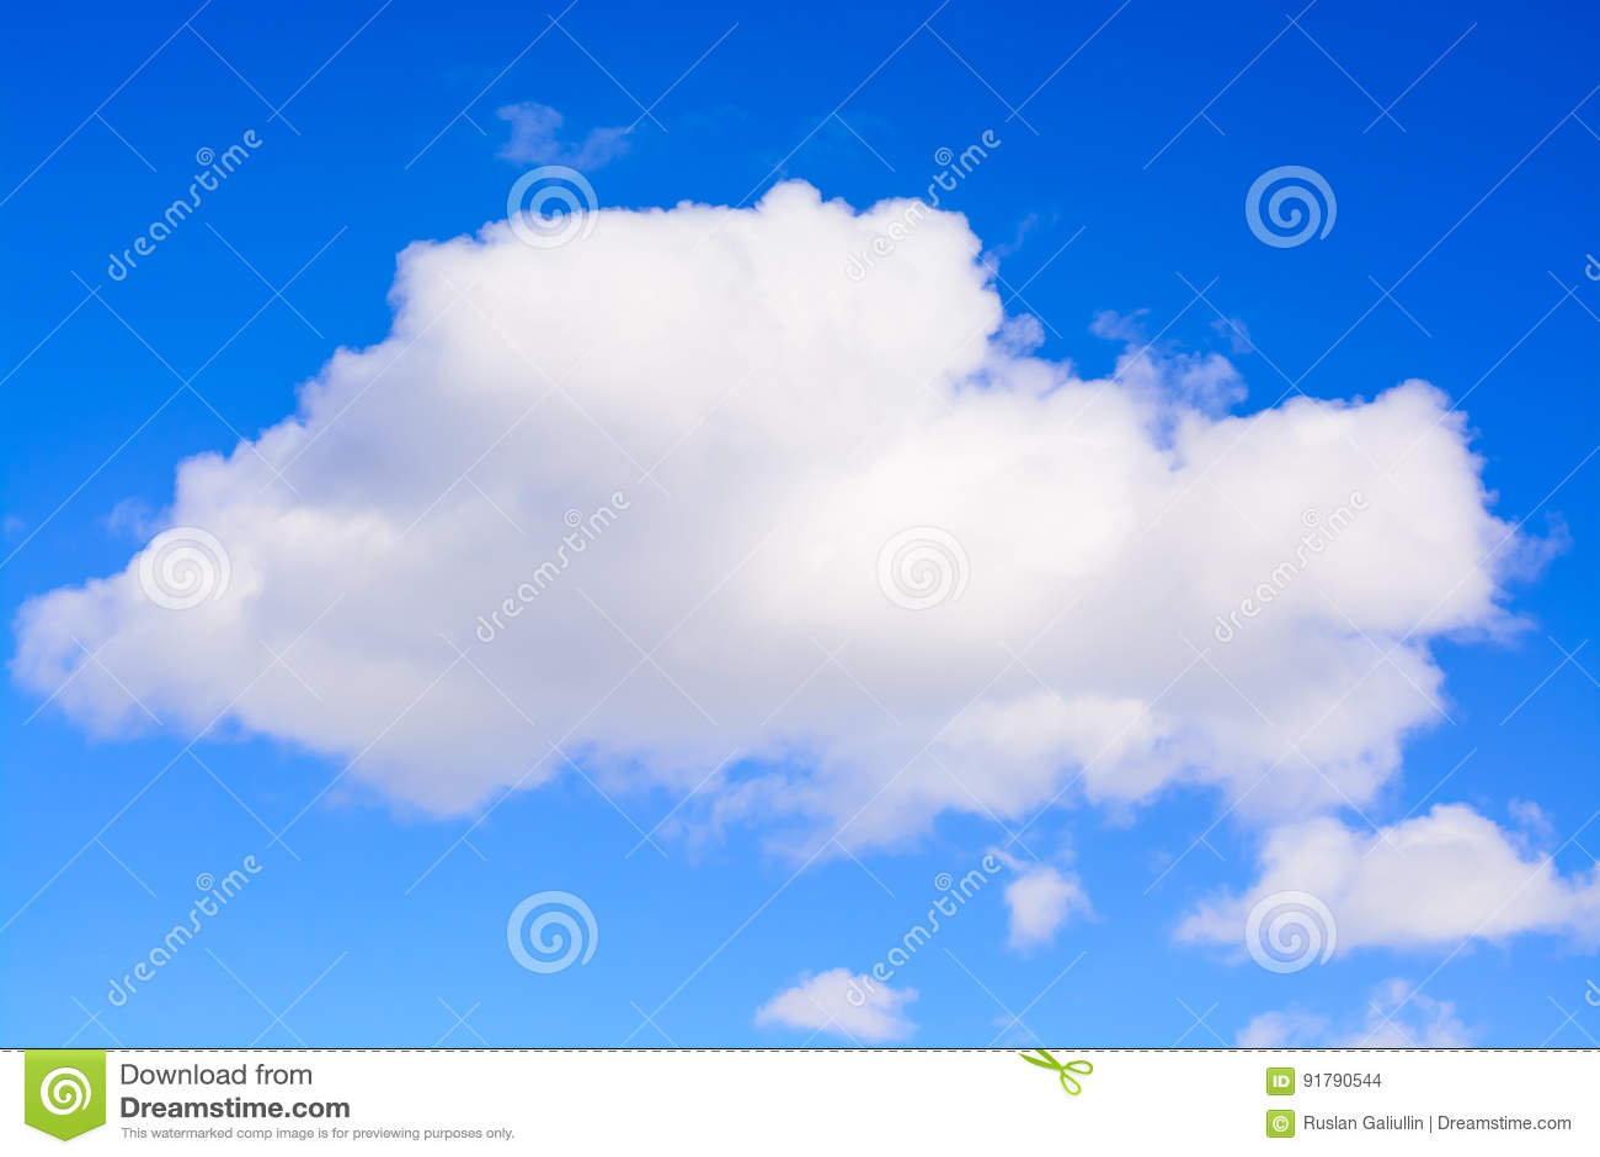 Nuvem branca inchado no céu azul Uma nuvem de cúmulo macia branca contra uma luz - close-up claro azul do céu inteiramente